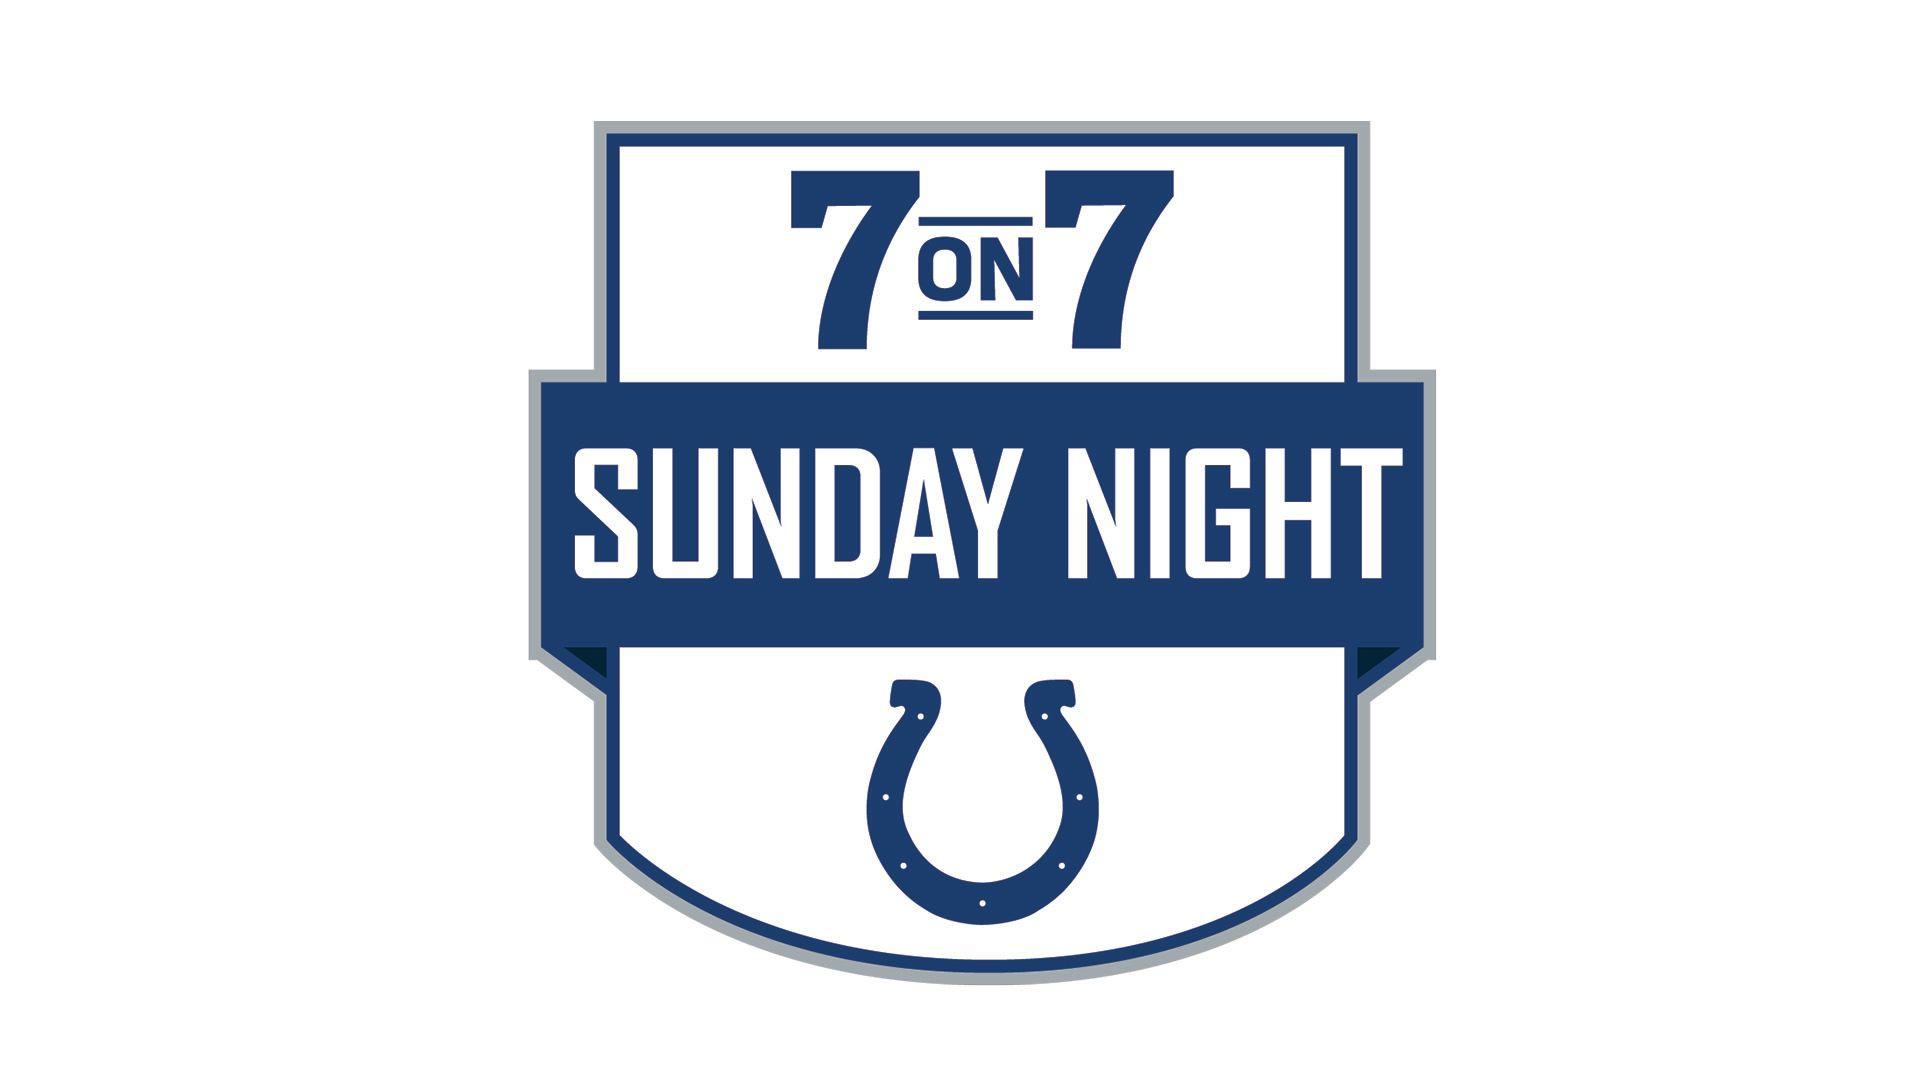 Sunday Night 7-on-7